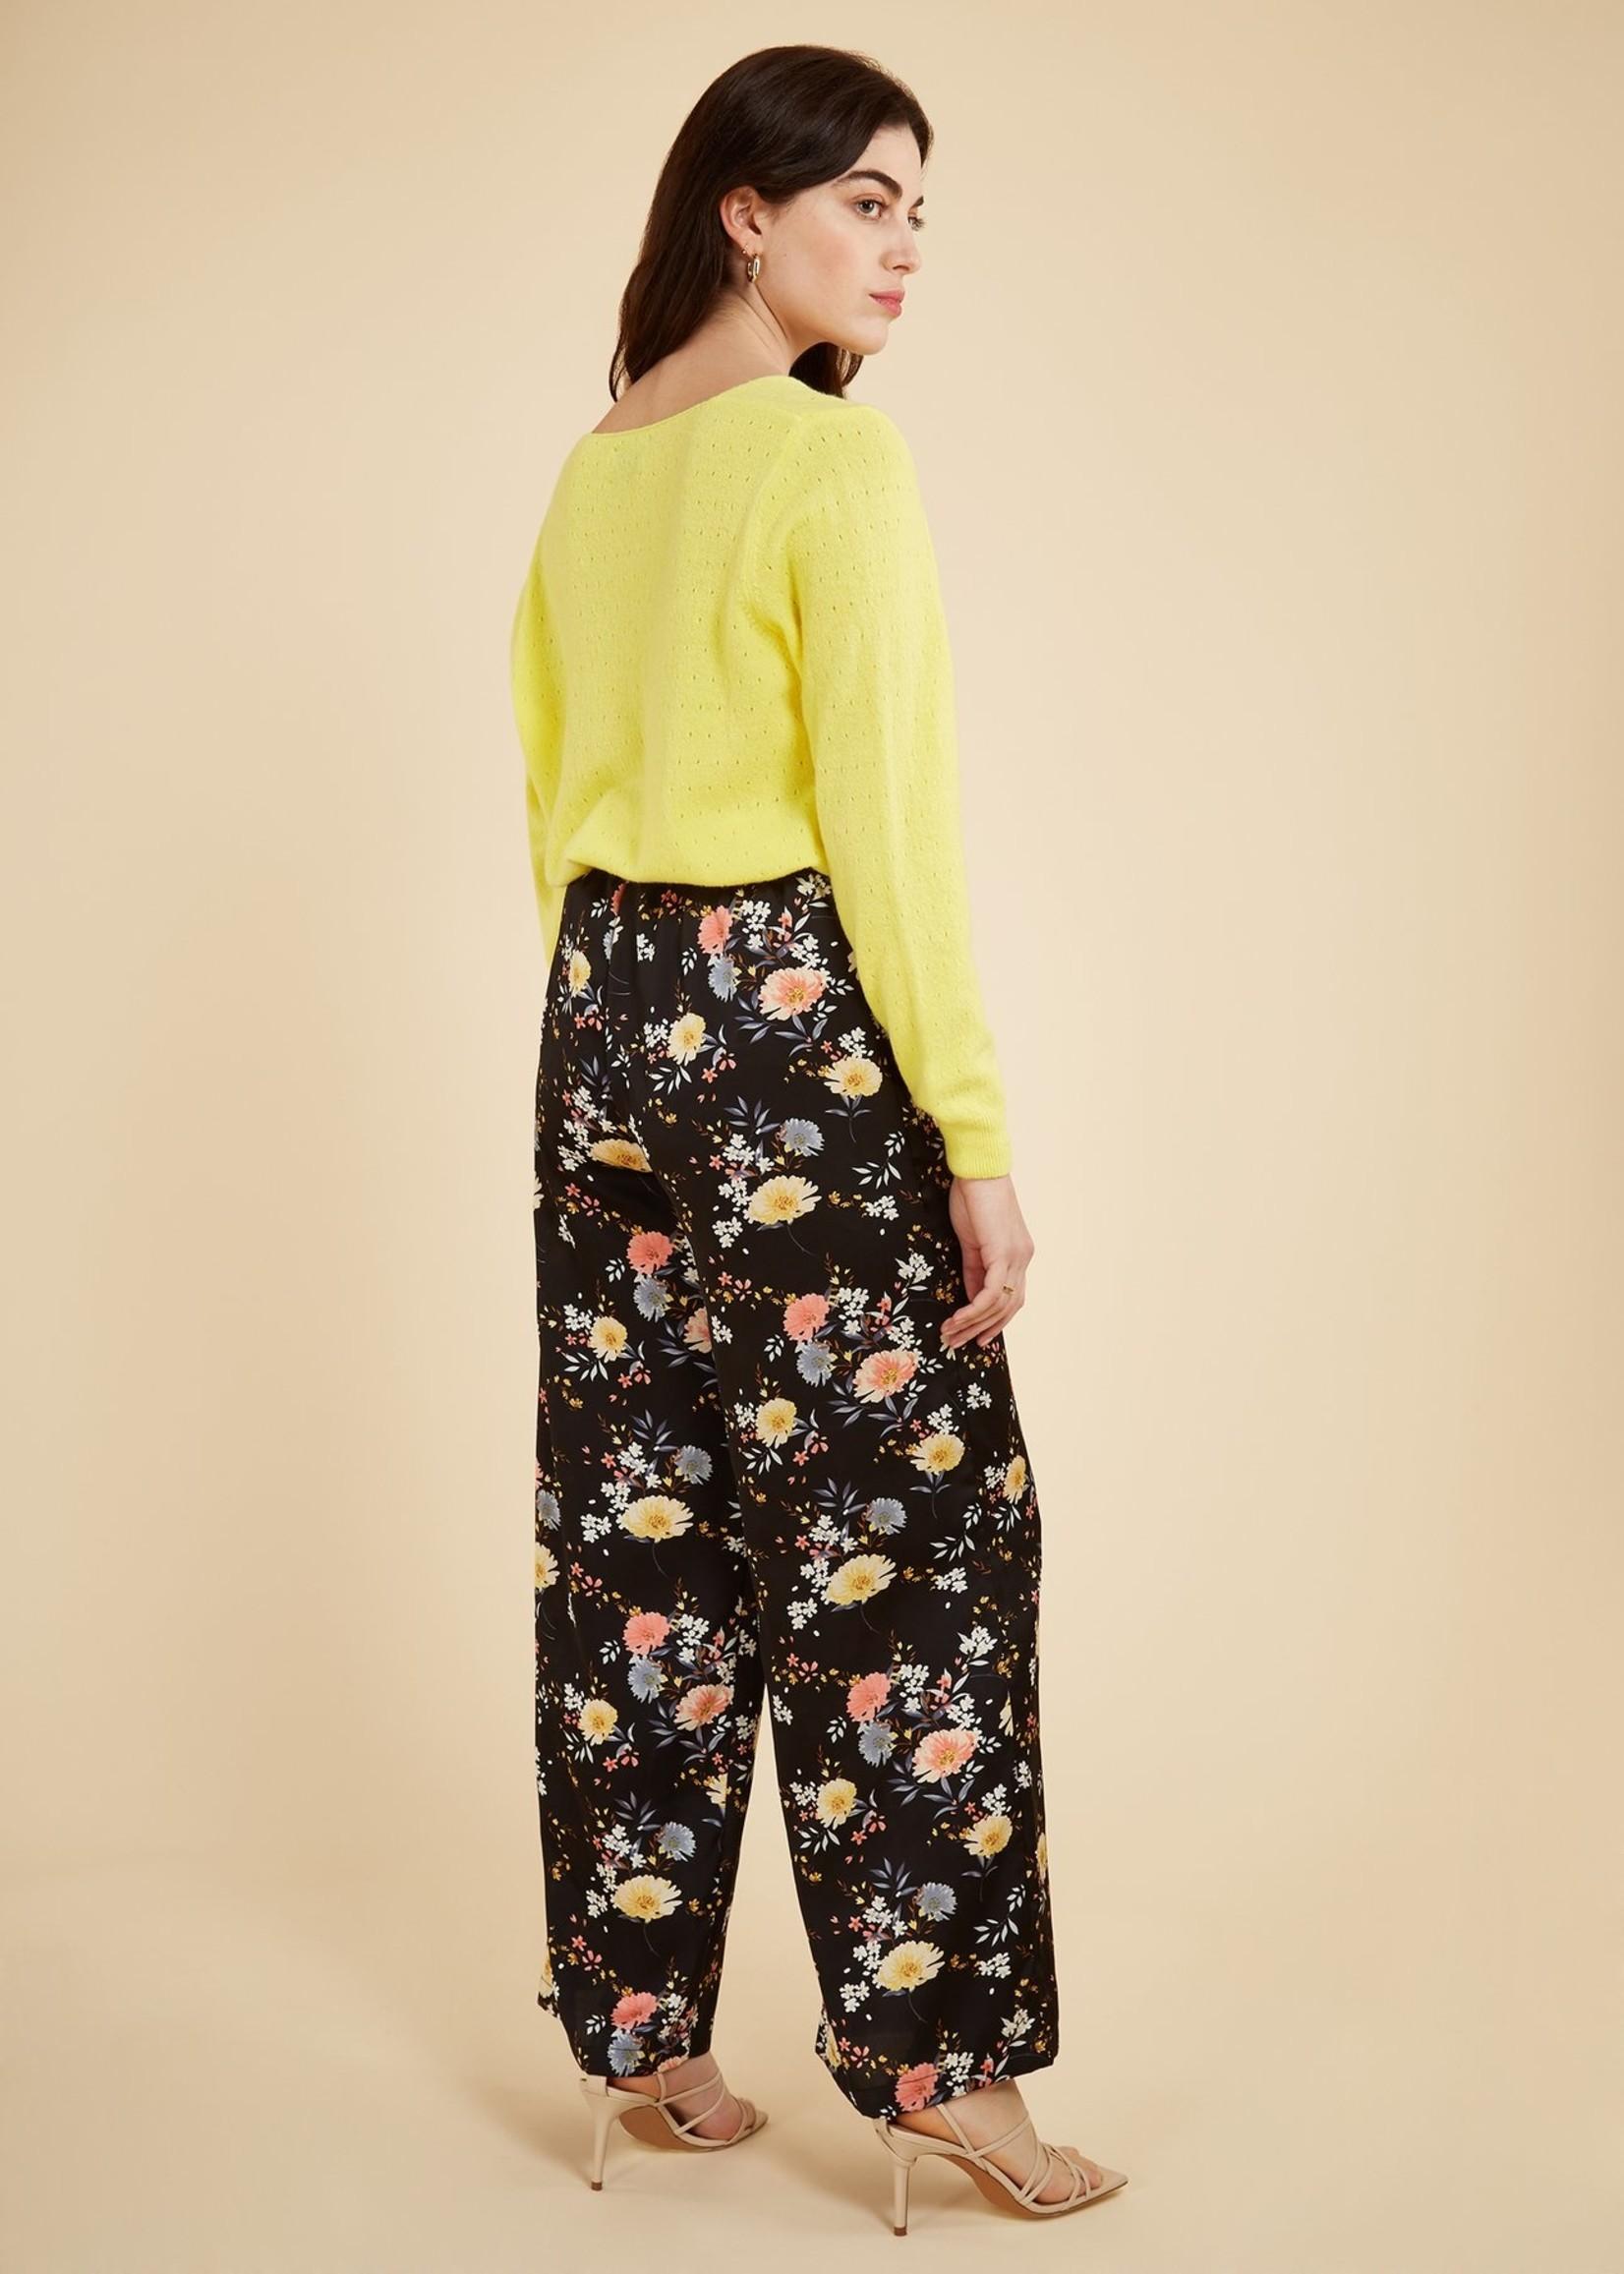 Elitaire Boutique Precilla Black Floral Pant